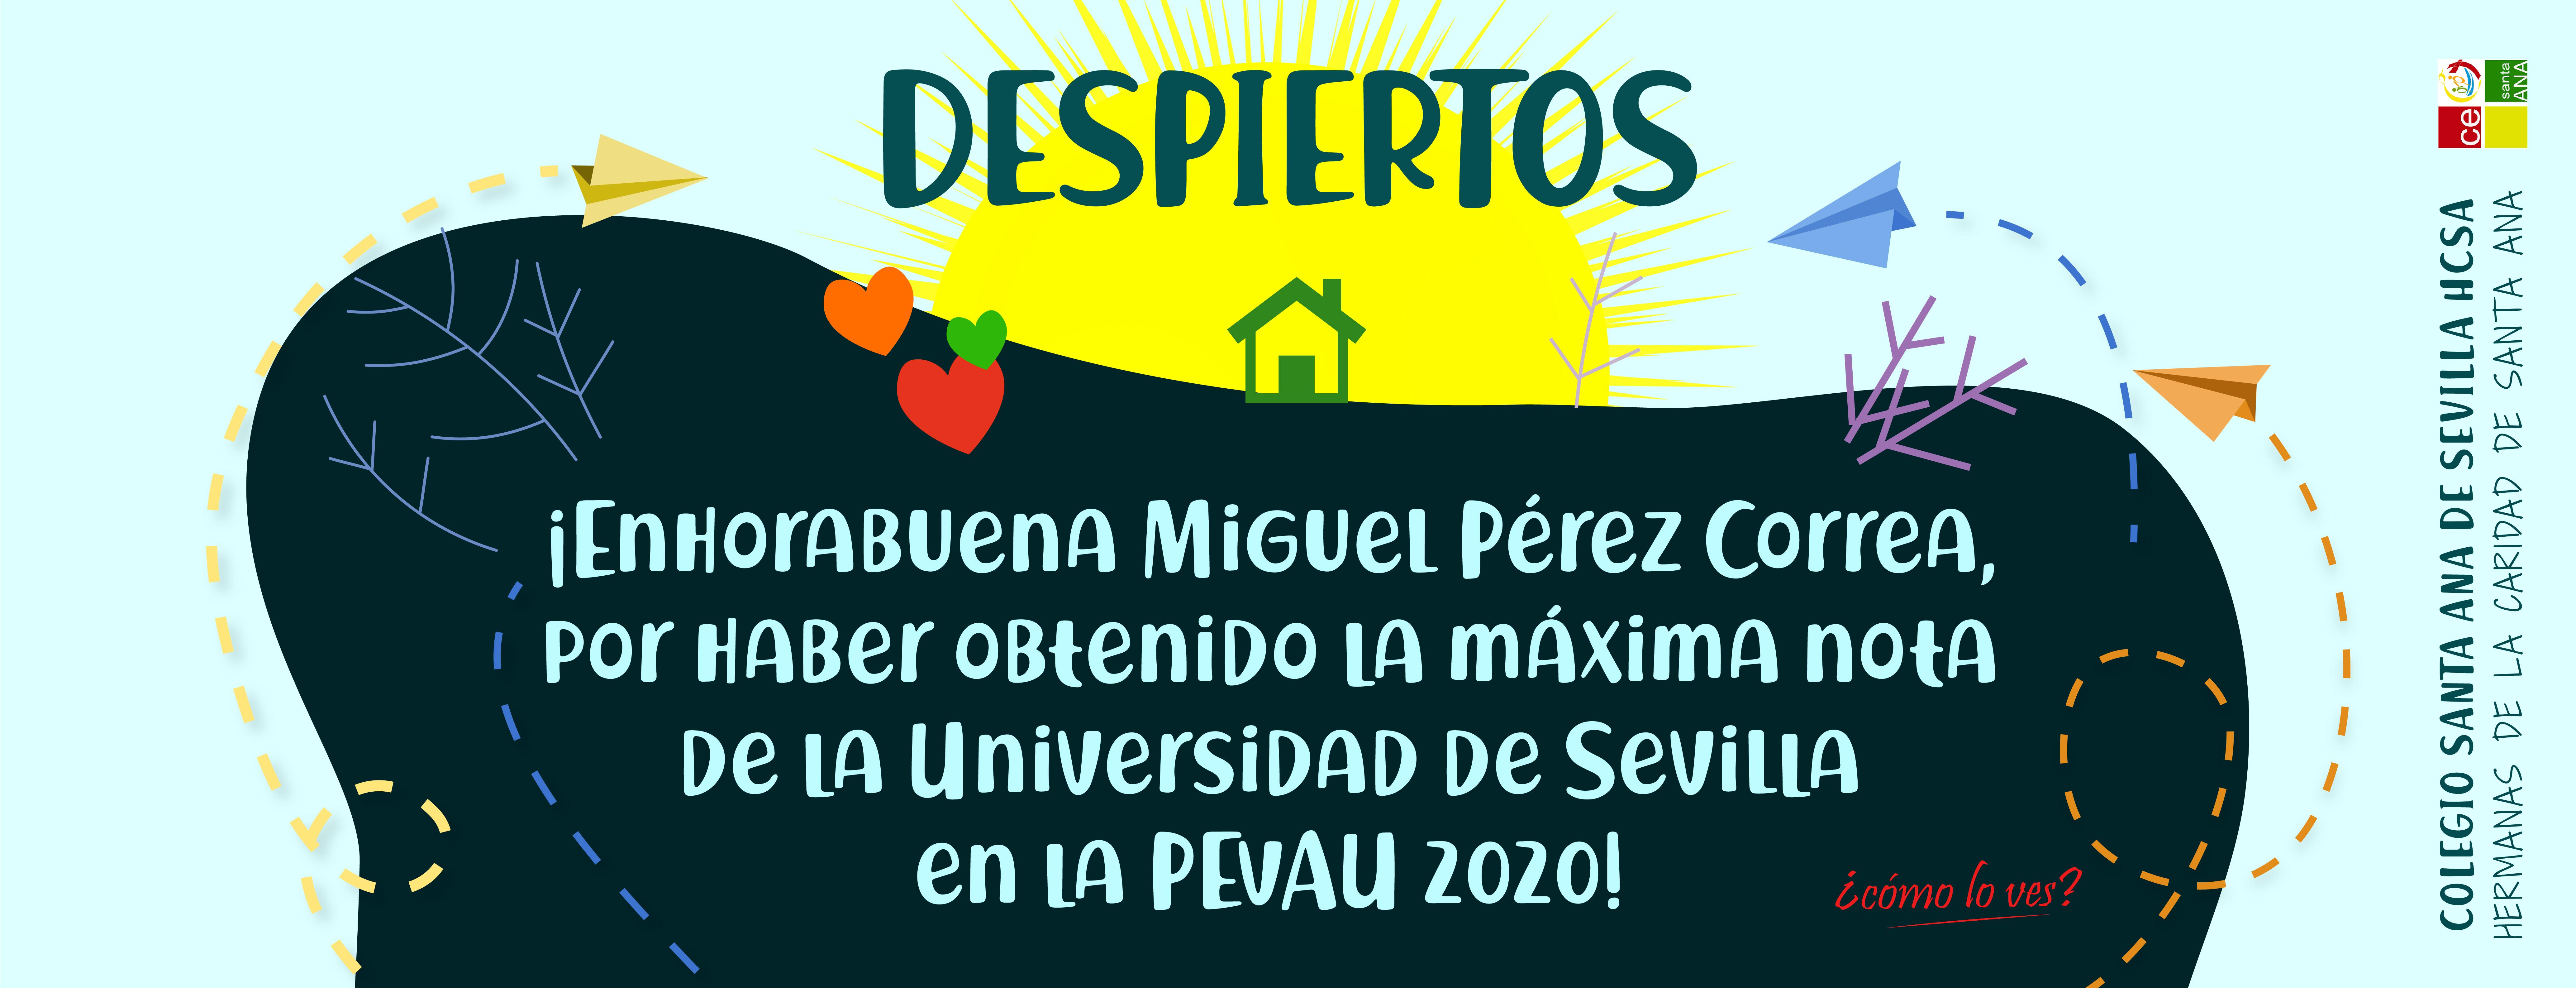 Enhorabuena Miguel Pérez Correa